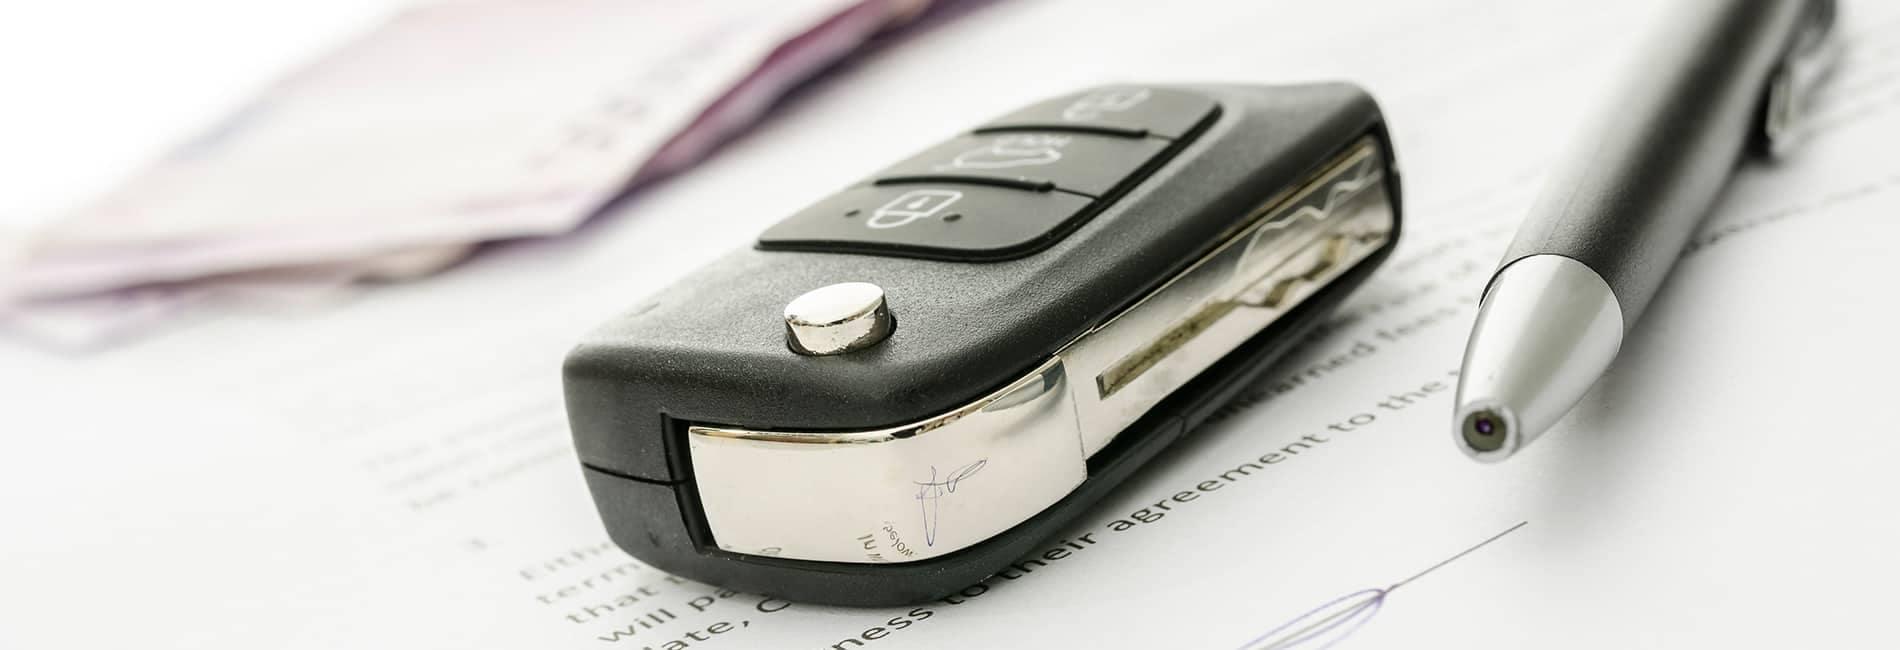 Car keys on a finance document